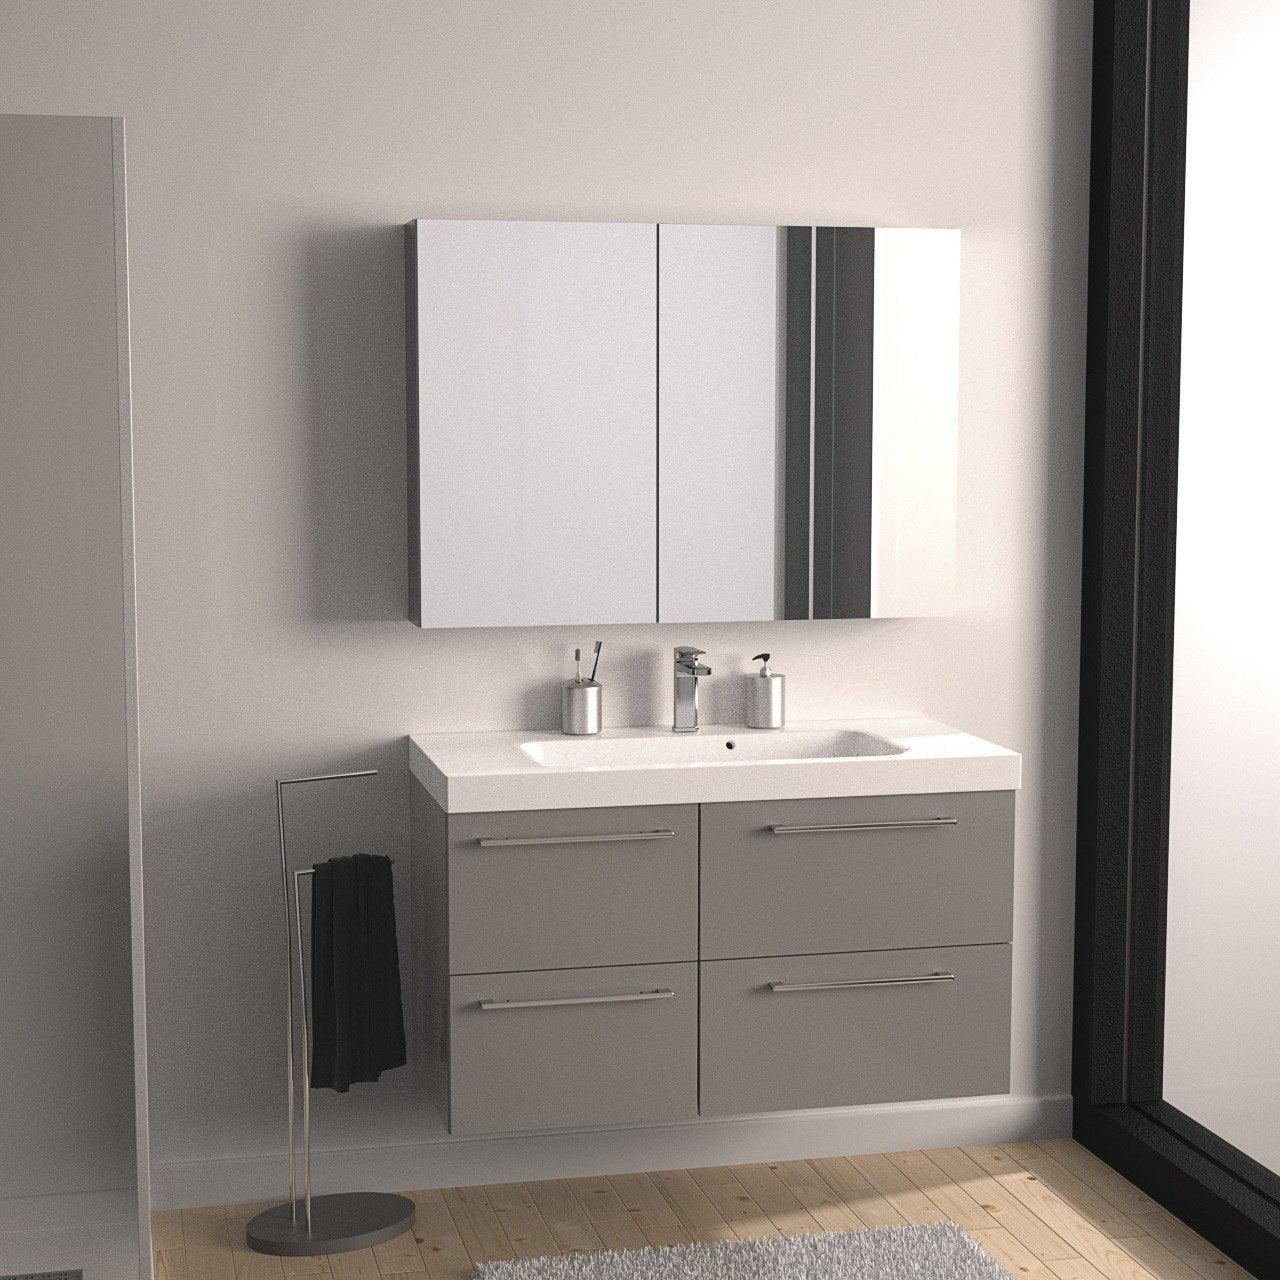 Meuble de salle de bains remix gris galet n 3 106x48 5 cm for Meuble de salle de bains leroy merlin